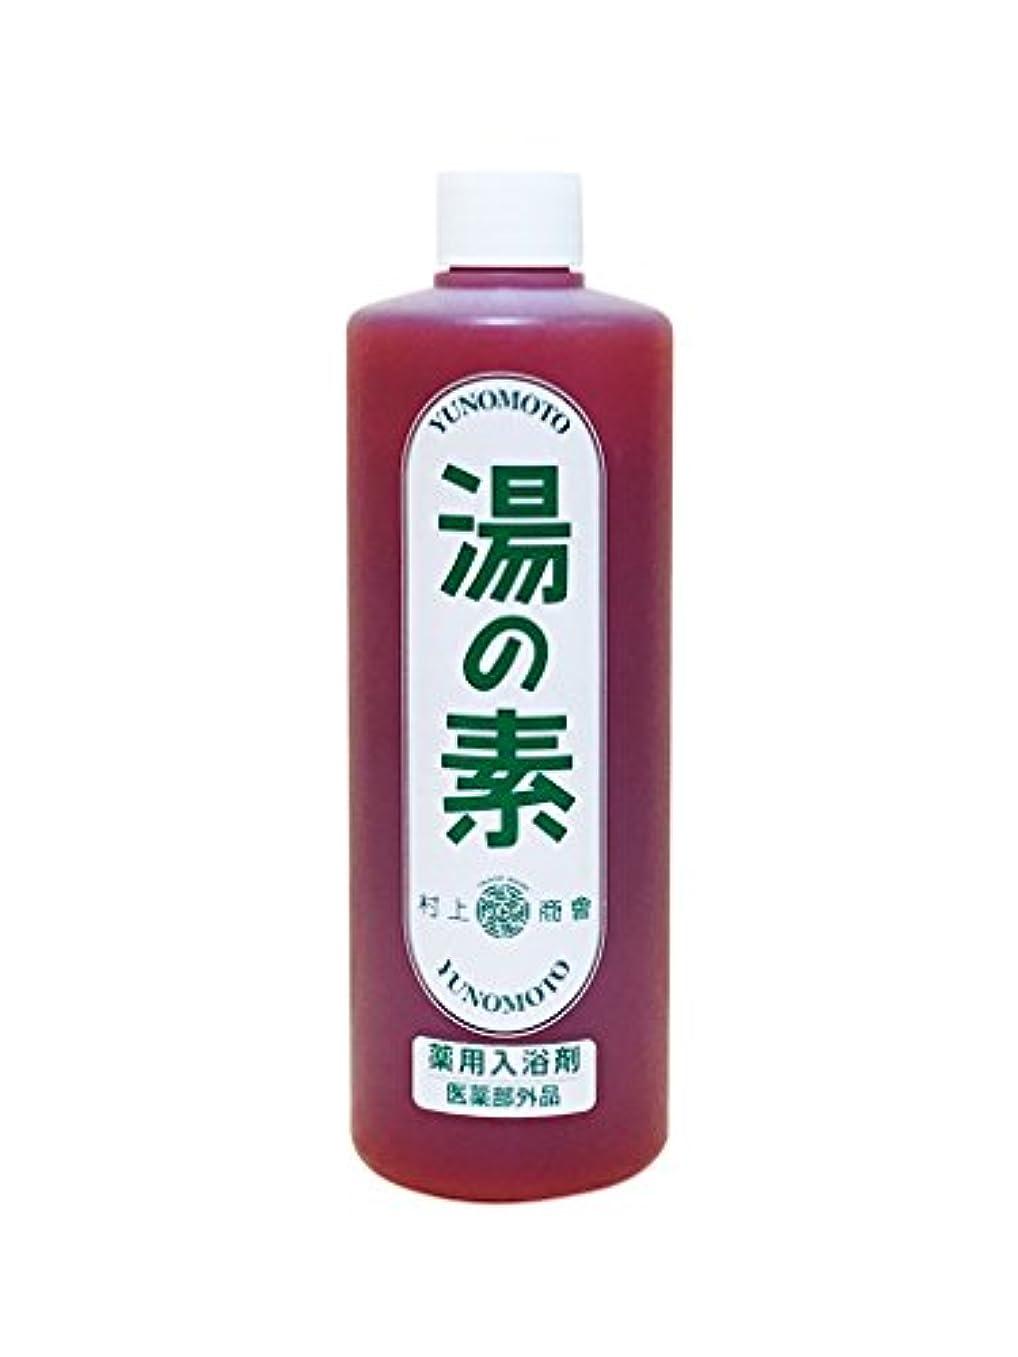 短くする損なうご注意硫黄乳白色湯 湯の素 薬用入浴剤 (医薬部外品) 490g